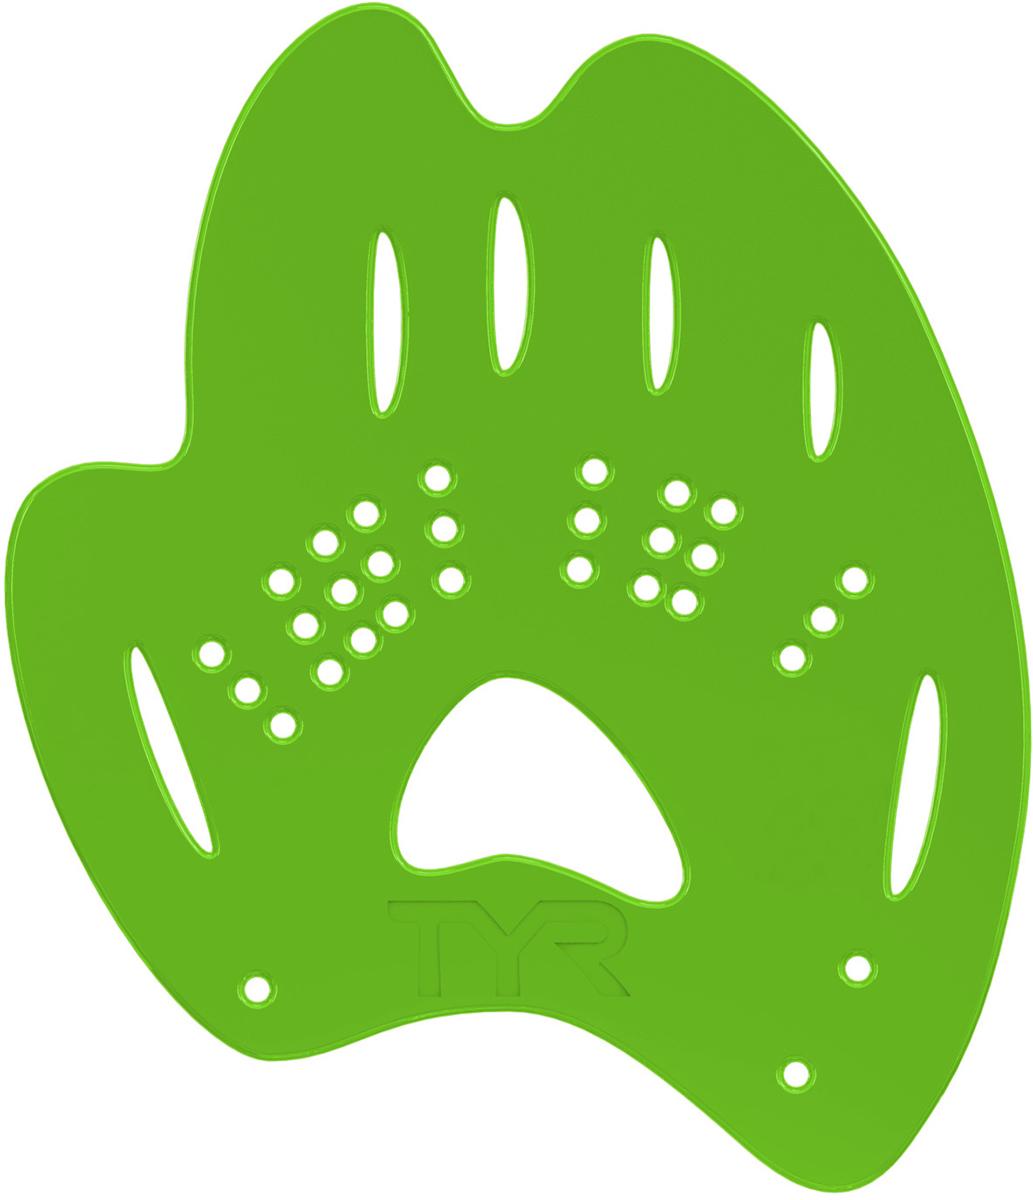 Лопатки для плавания Tyr Mentor 2 Training Paddles, цвет: зеленый. Размер XS. LMENTOR2LMENTOR2Лопатки для плавания TYR Mentor 2 Training позволяют улучшить технику гребка и увеличить его силу. Большое количество отверстий позволяет максимально удобно отрегулировать крепление. Лопатки изготовлены из полипропилена что делает их прочными, легкими и гибкими. Лопатки предназначены для спортсменов среднего уровня.